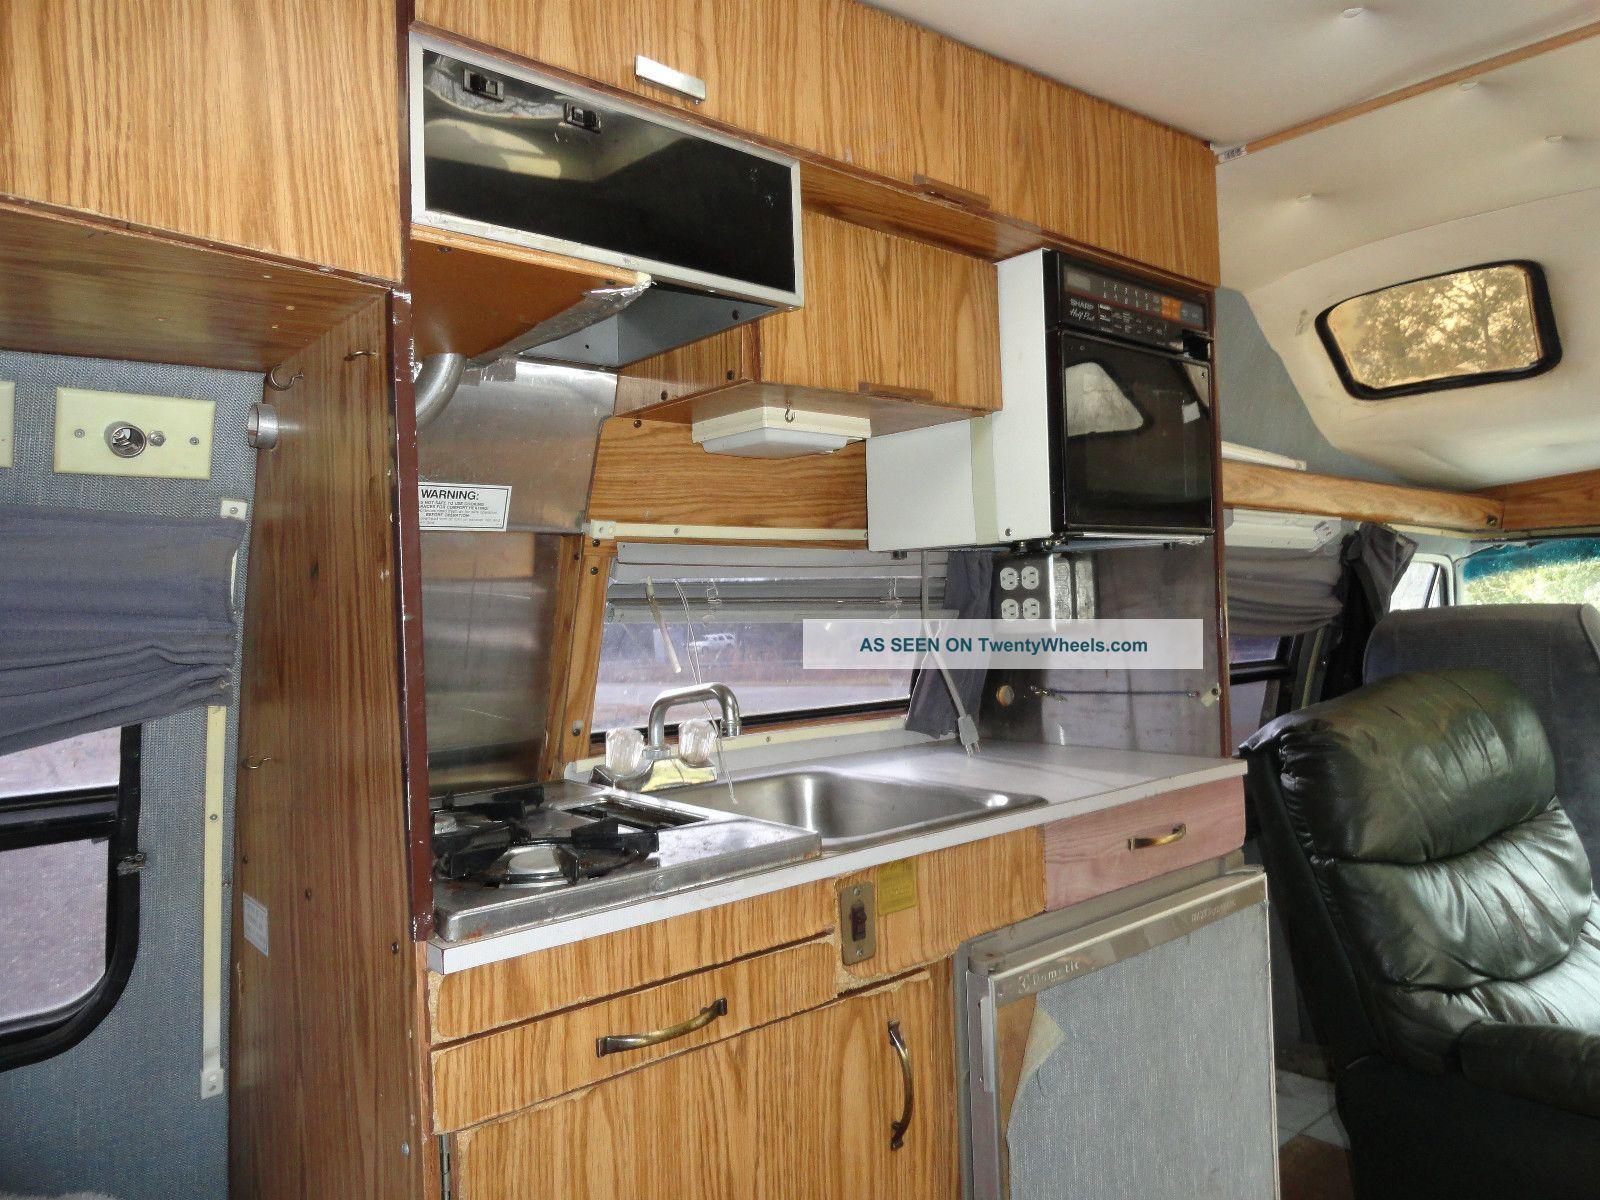 1988 Dodge Ram Road Trek 2 Camper Van